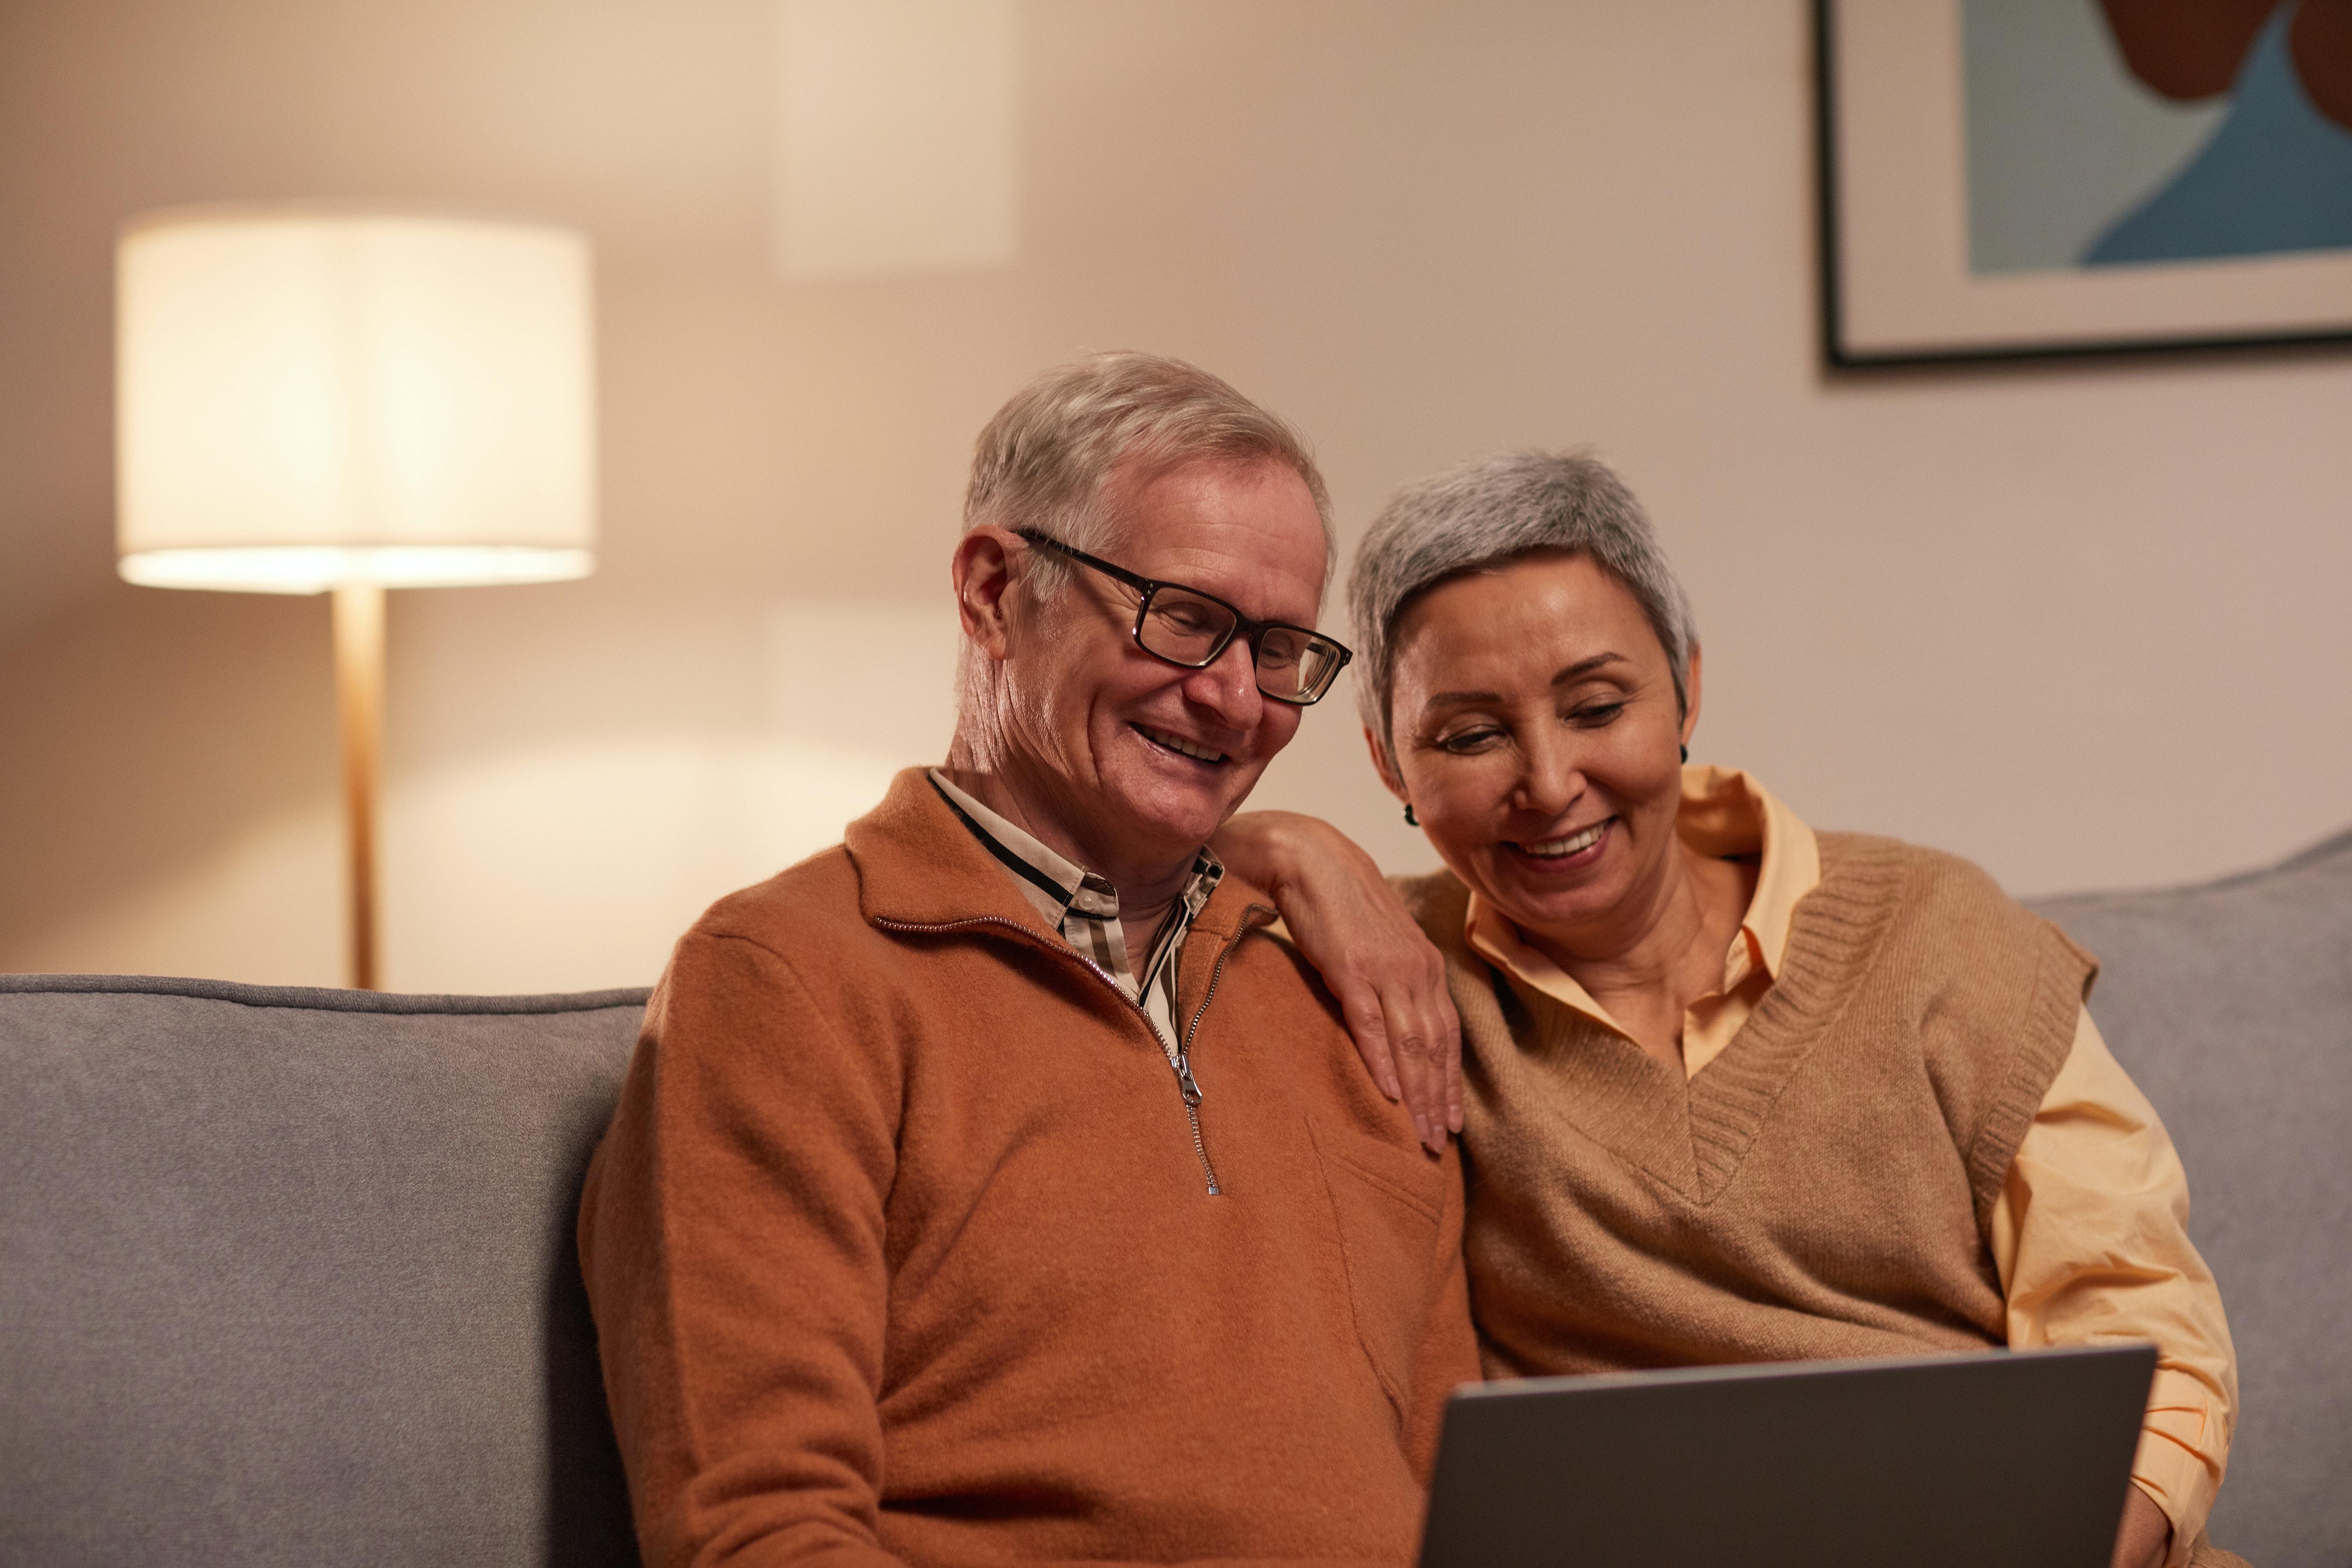 Ein älterer Mann und eine ältere Frau sitzen auf dem Sofa und blicken gemeinsam in einen Laptop